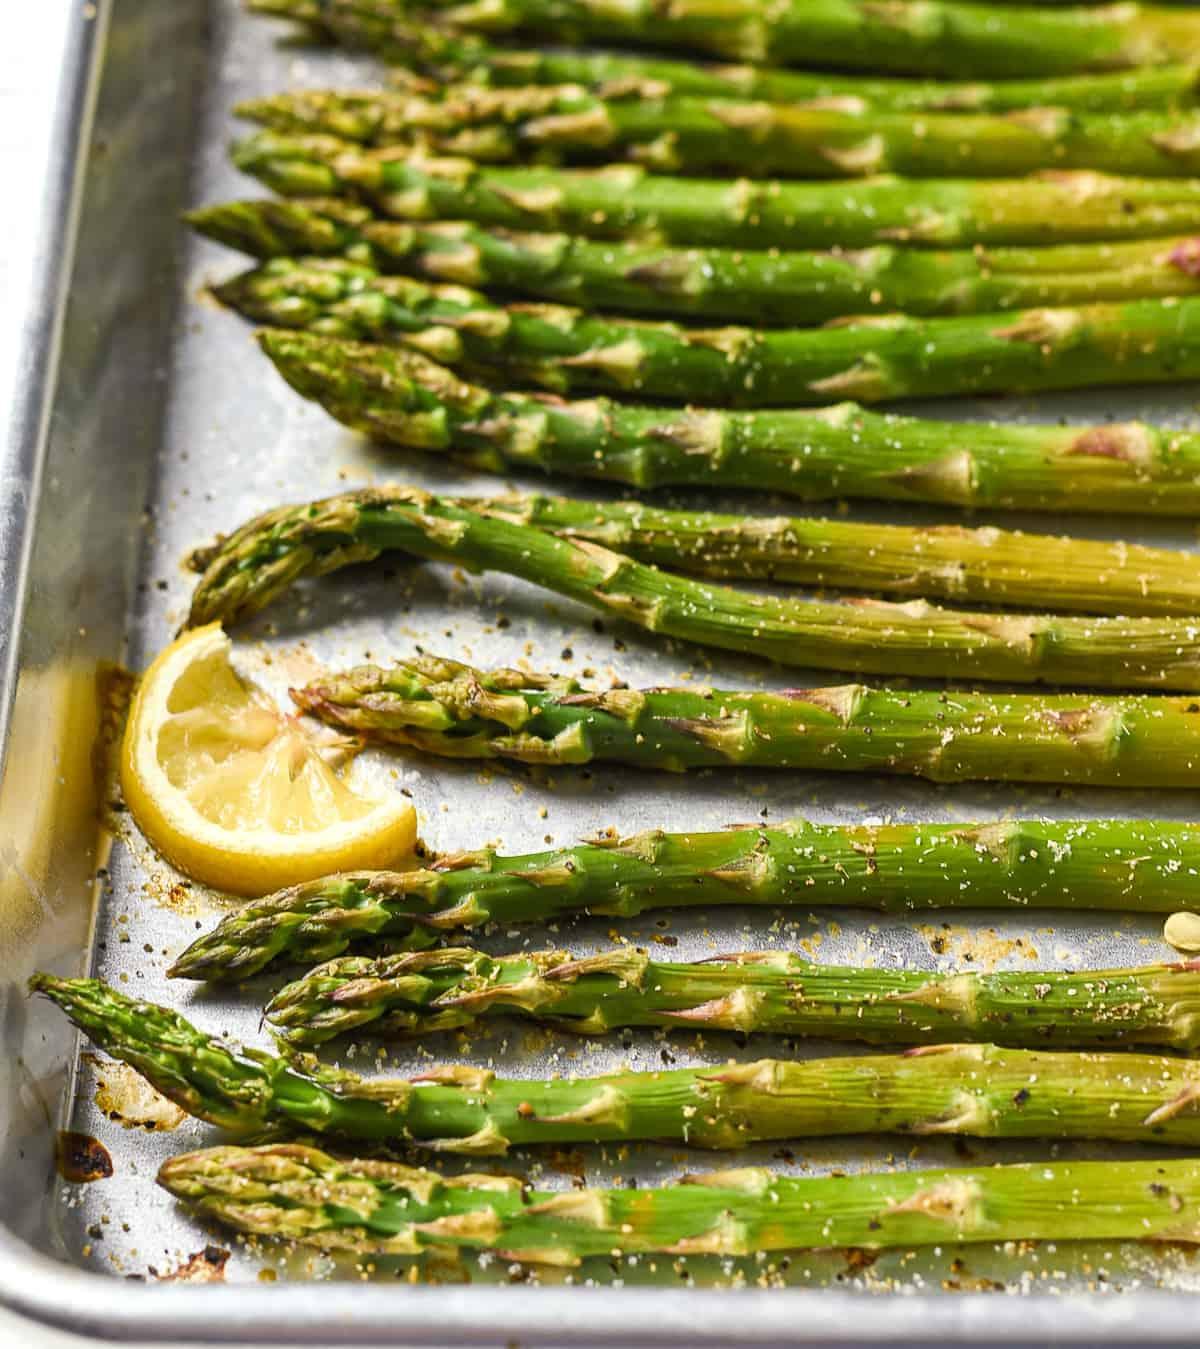 Roasted asparagus on baking sheet with lemon.